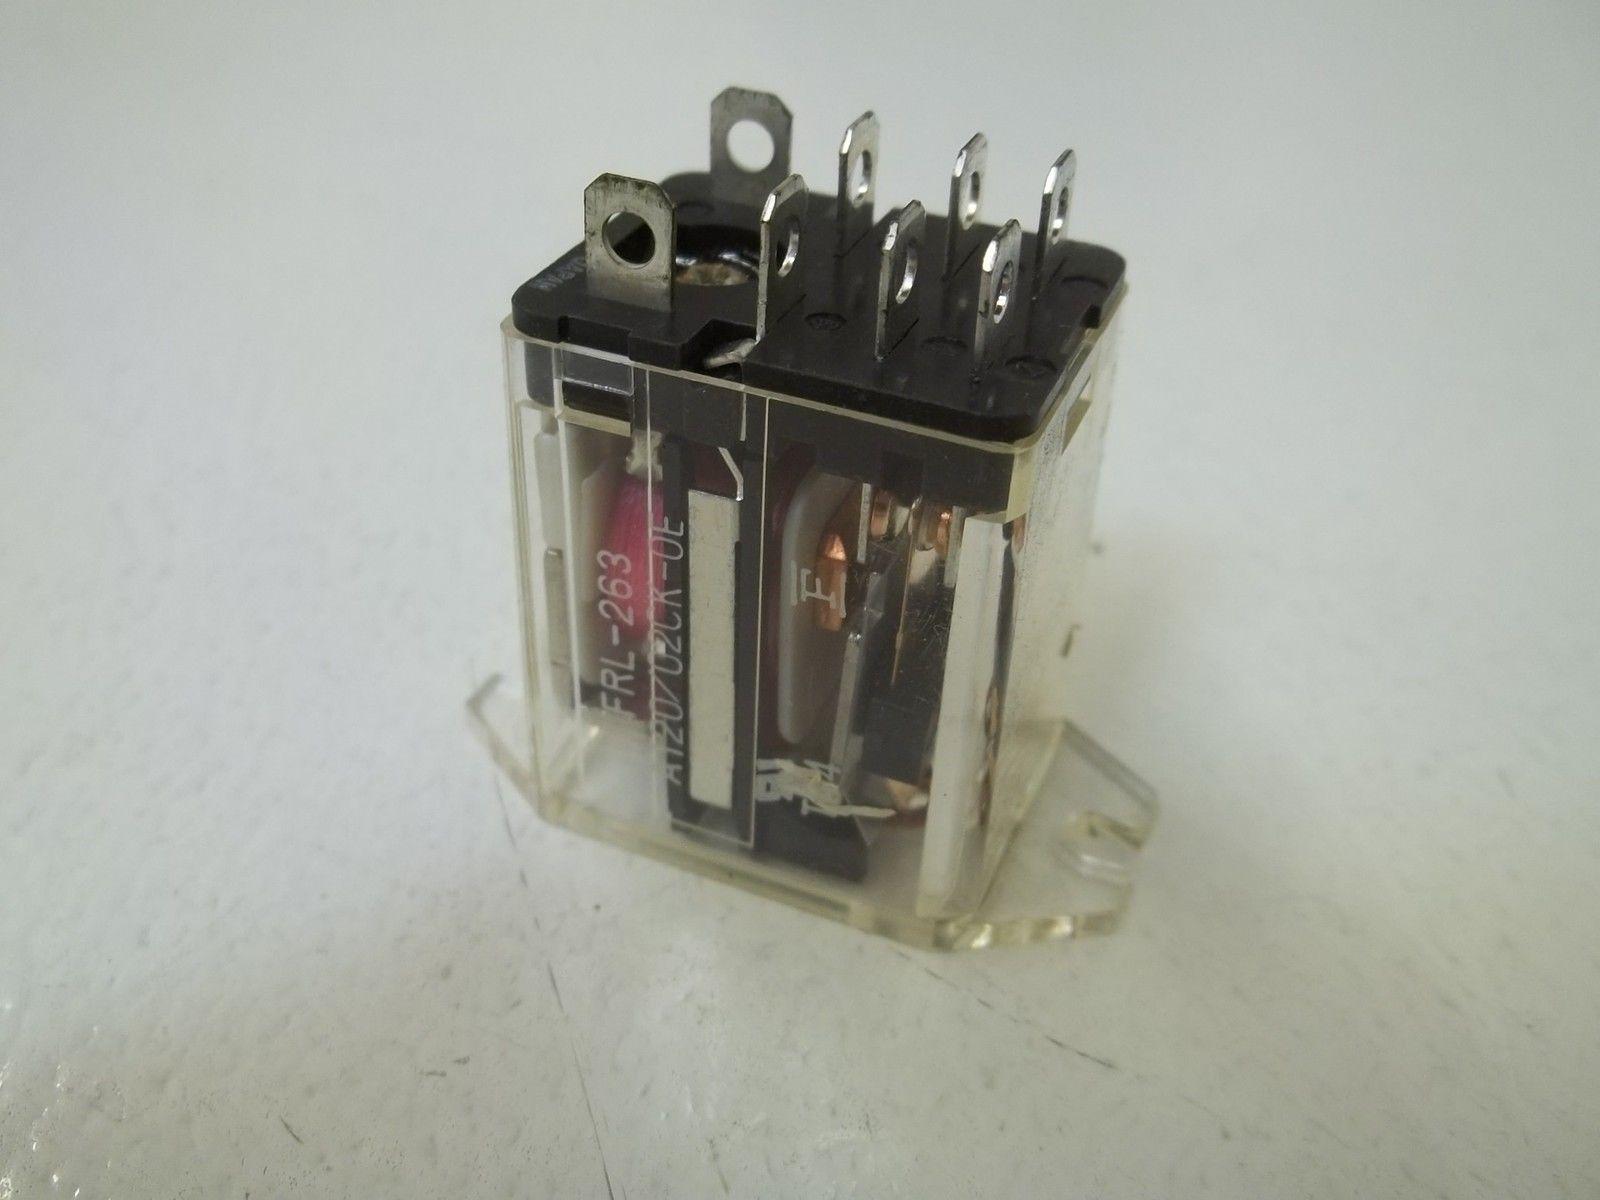 FUJITSU FRL-263 A120//02CK-0E RELAY 120VAC *USED*